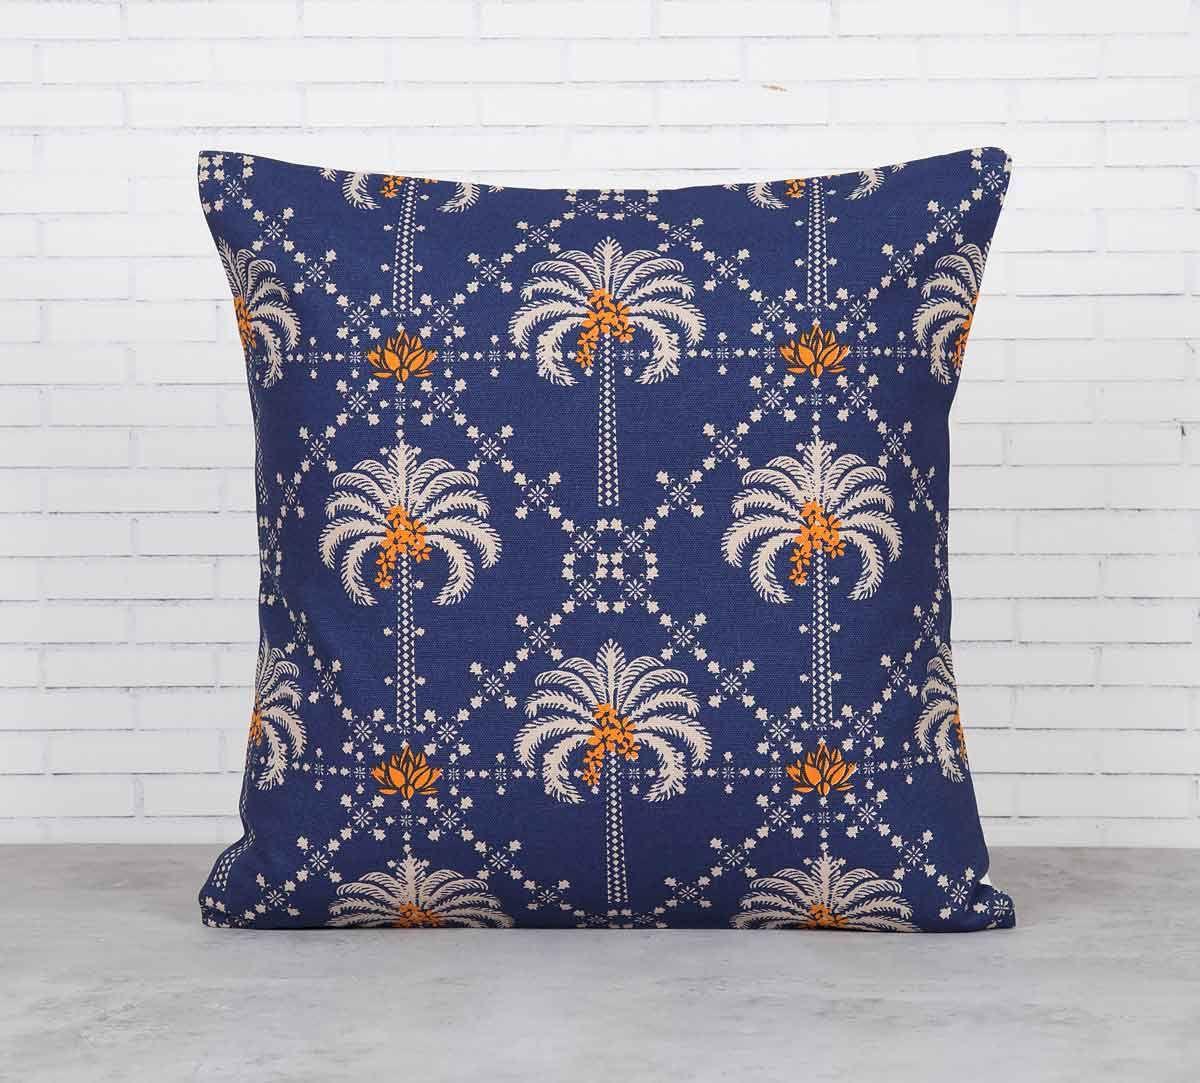 India Circus Poly Palmeira Blue Cotton Cushion Cover